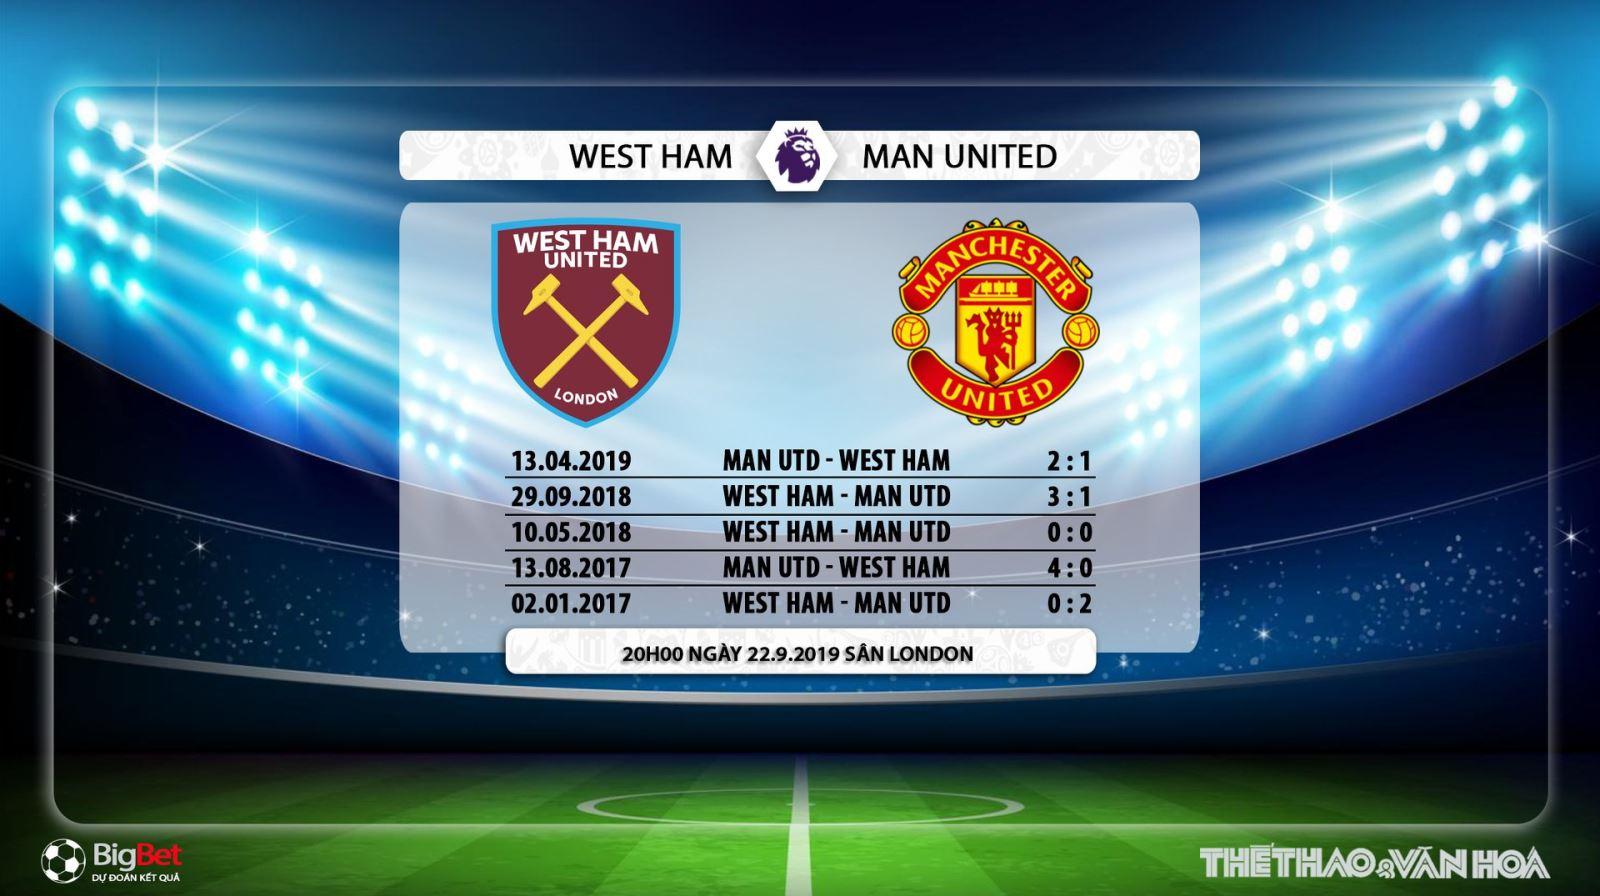 truc tiep bong da hôm nay, K+, K+PM, West Ham đấu với MU, trực tiếp bóng đá, West Ham vs MU , soi keo bong da, MU, West Ham, xem bóng đá trực tiếp, Ngoại hạng Anh